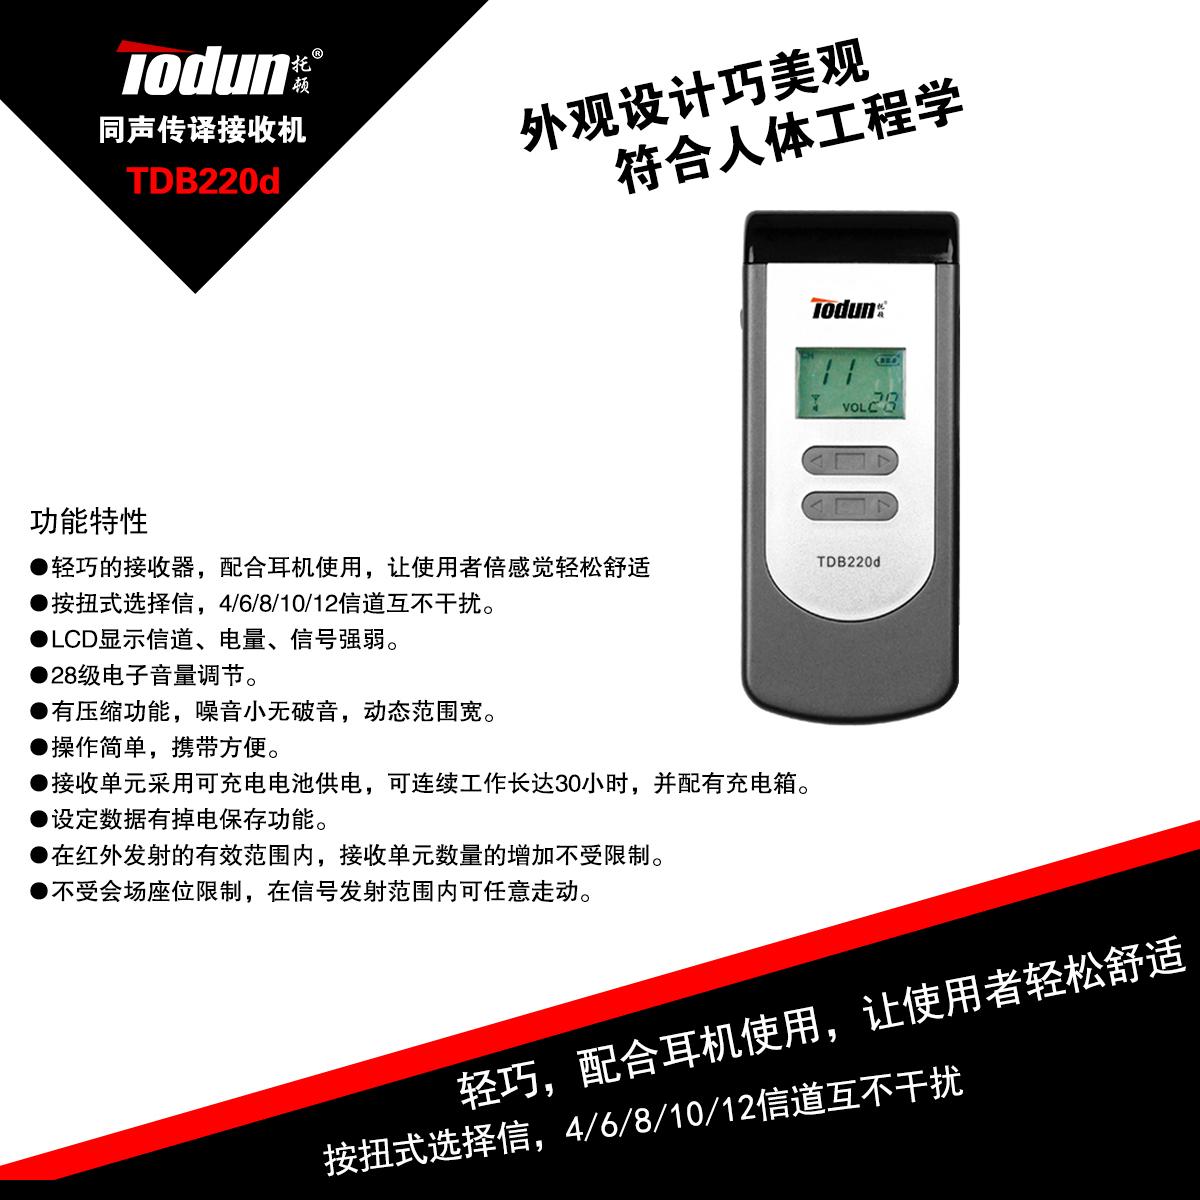 同声传译系统TDB220d接收单元托顿 配合监听型双边耳机 满足不同国际语言